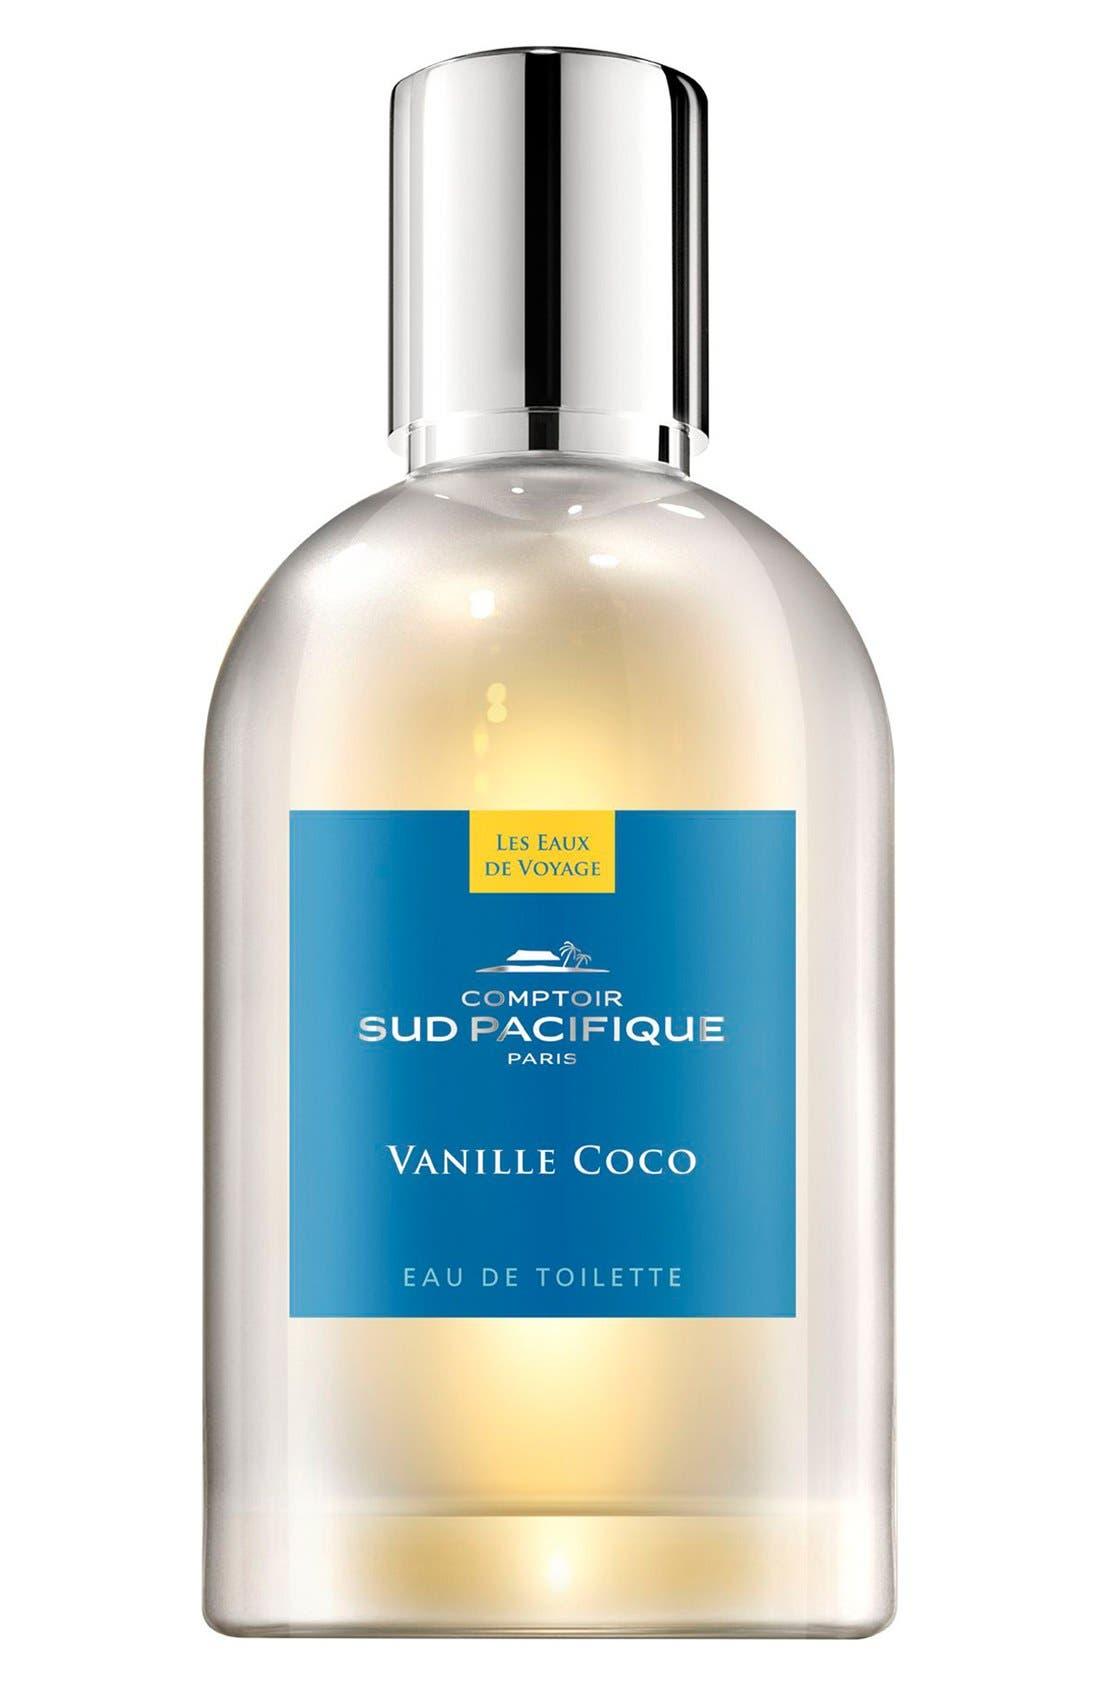 Comptoir Sud Pacifique 'Vanille Coco' Eau de Toilette